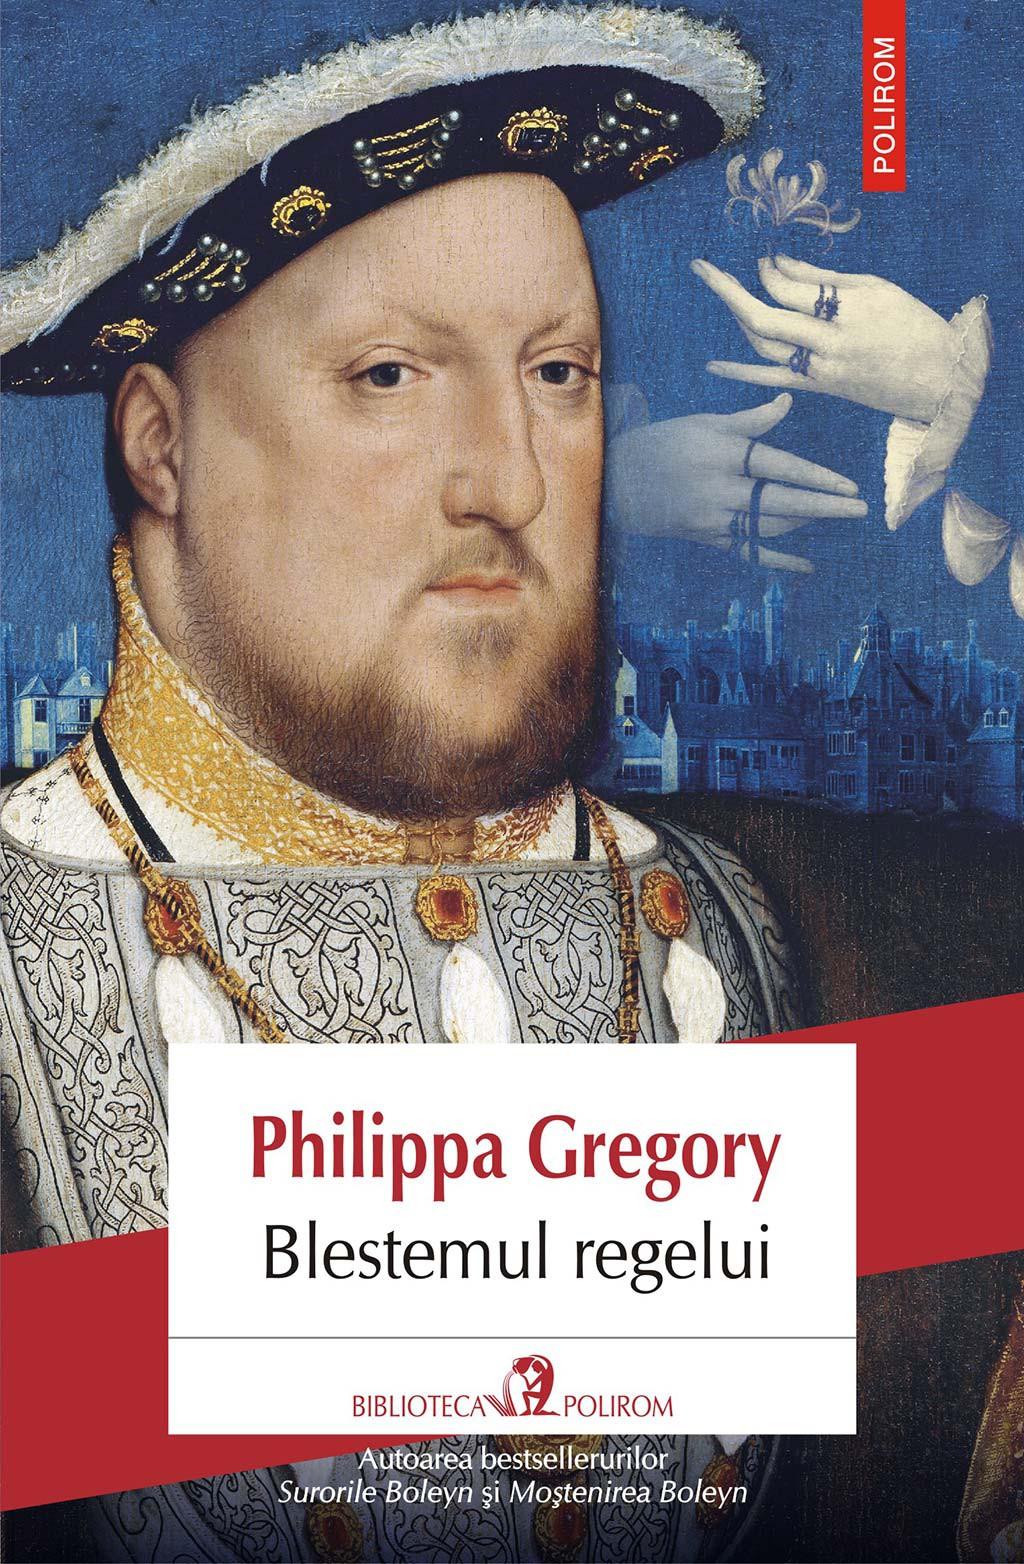 Imagini pentru Blestemul regelui